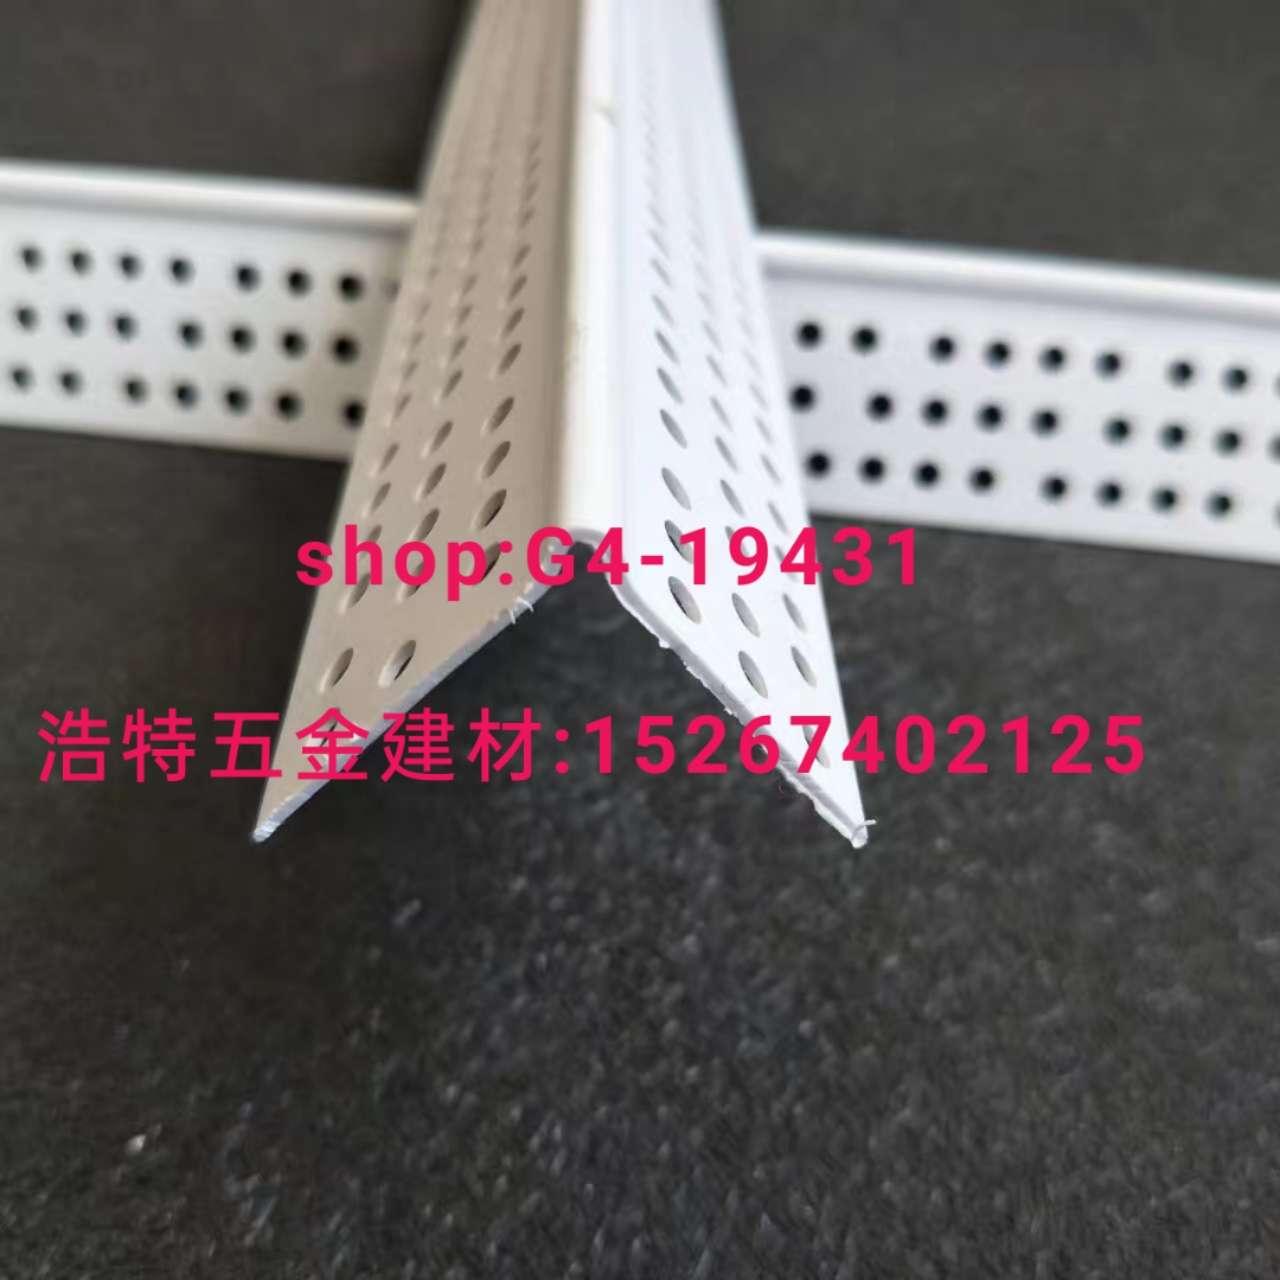 铝护角 条阳角条补缝条修边条分割条直角条卡槽开口条pvc护角网踢脚线铝条1